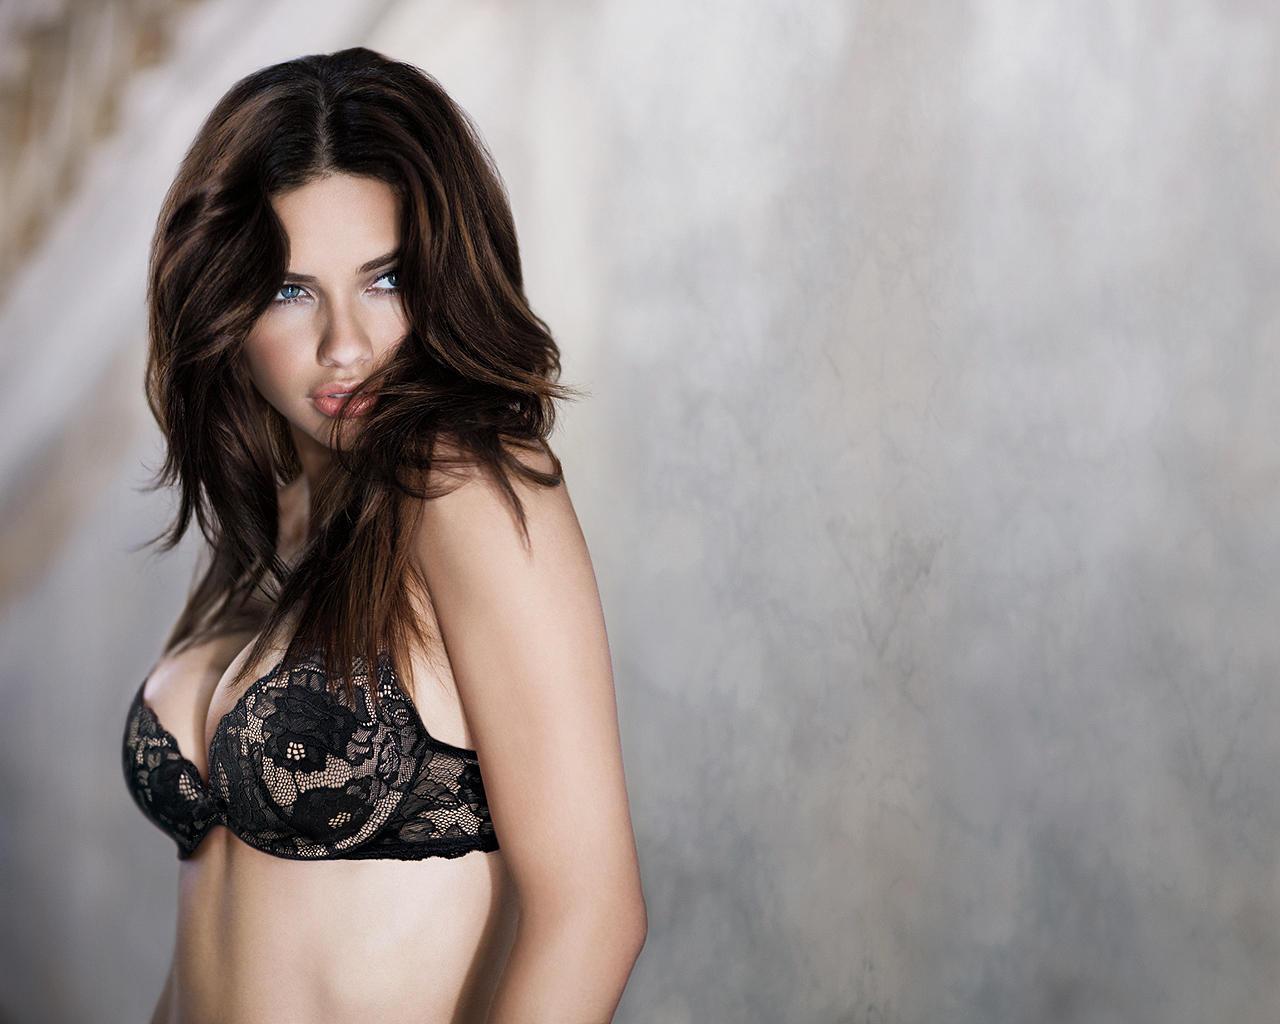 Adriana Lima 2 by Ex3cut3r